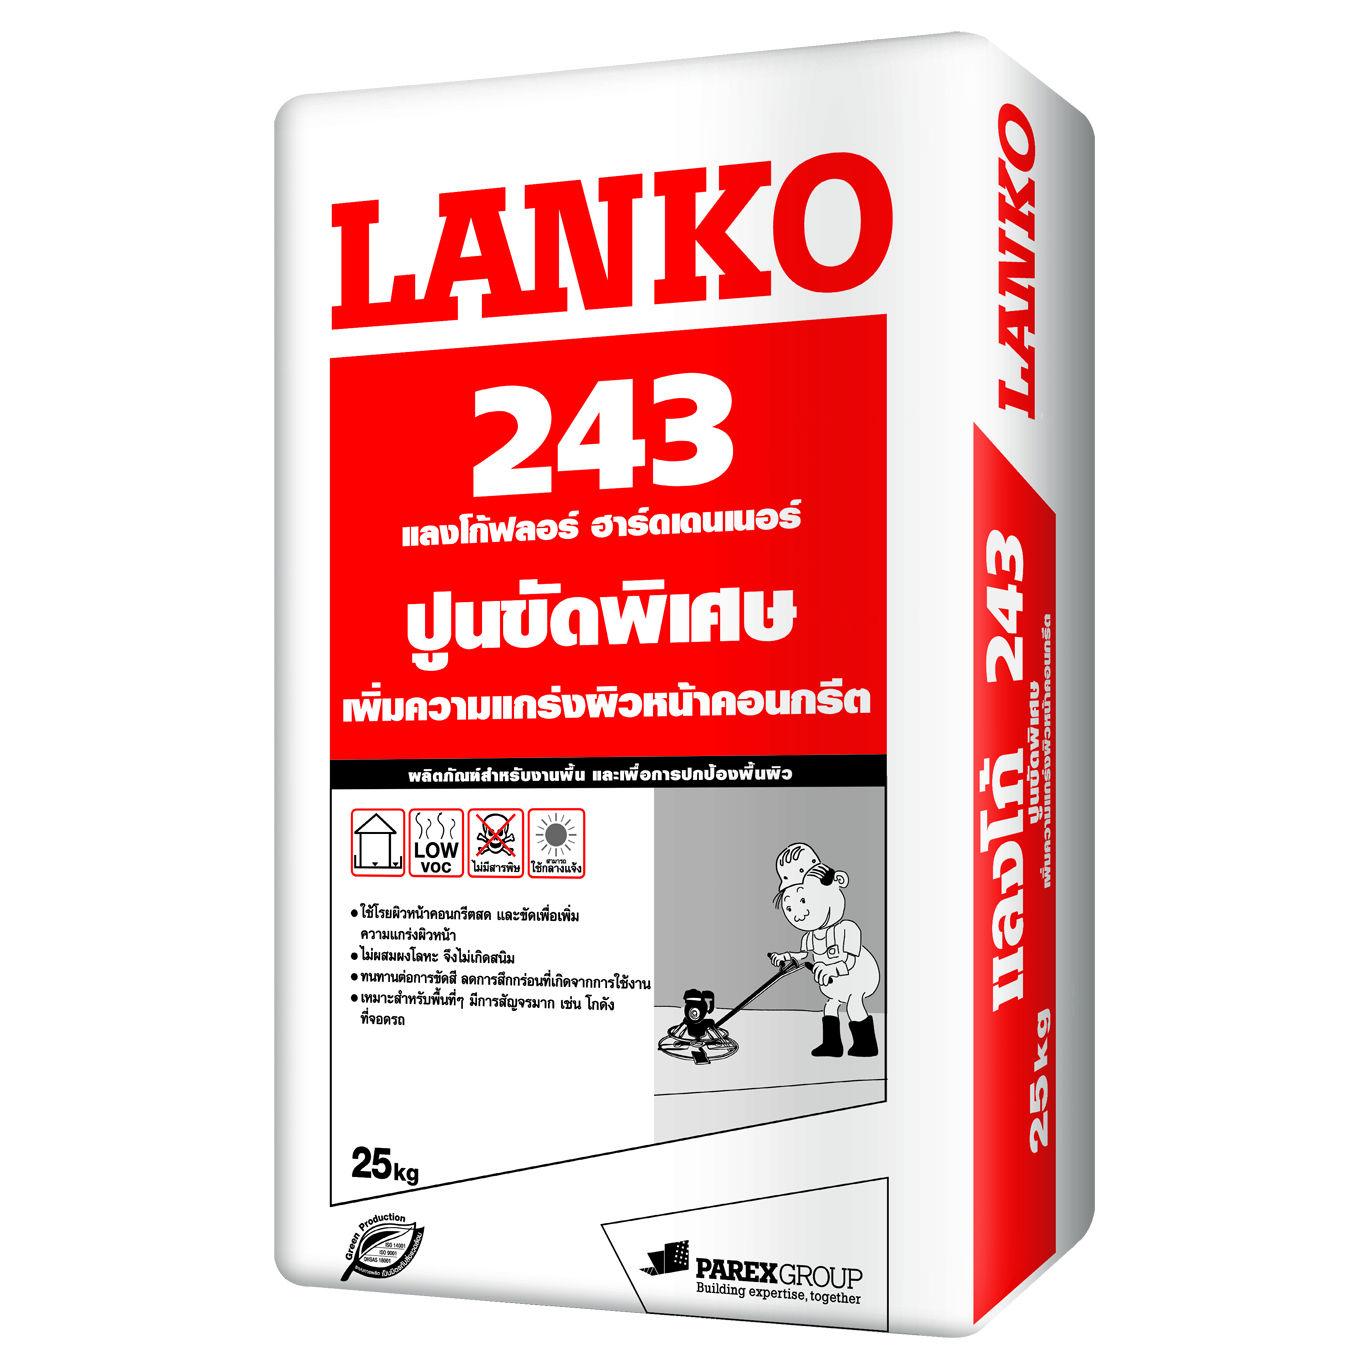 LANKO 243